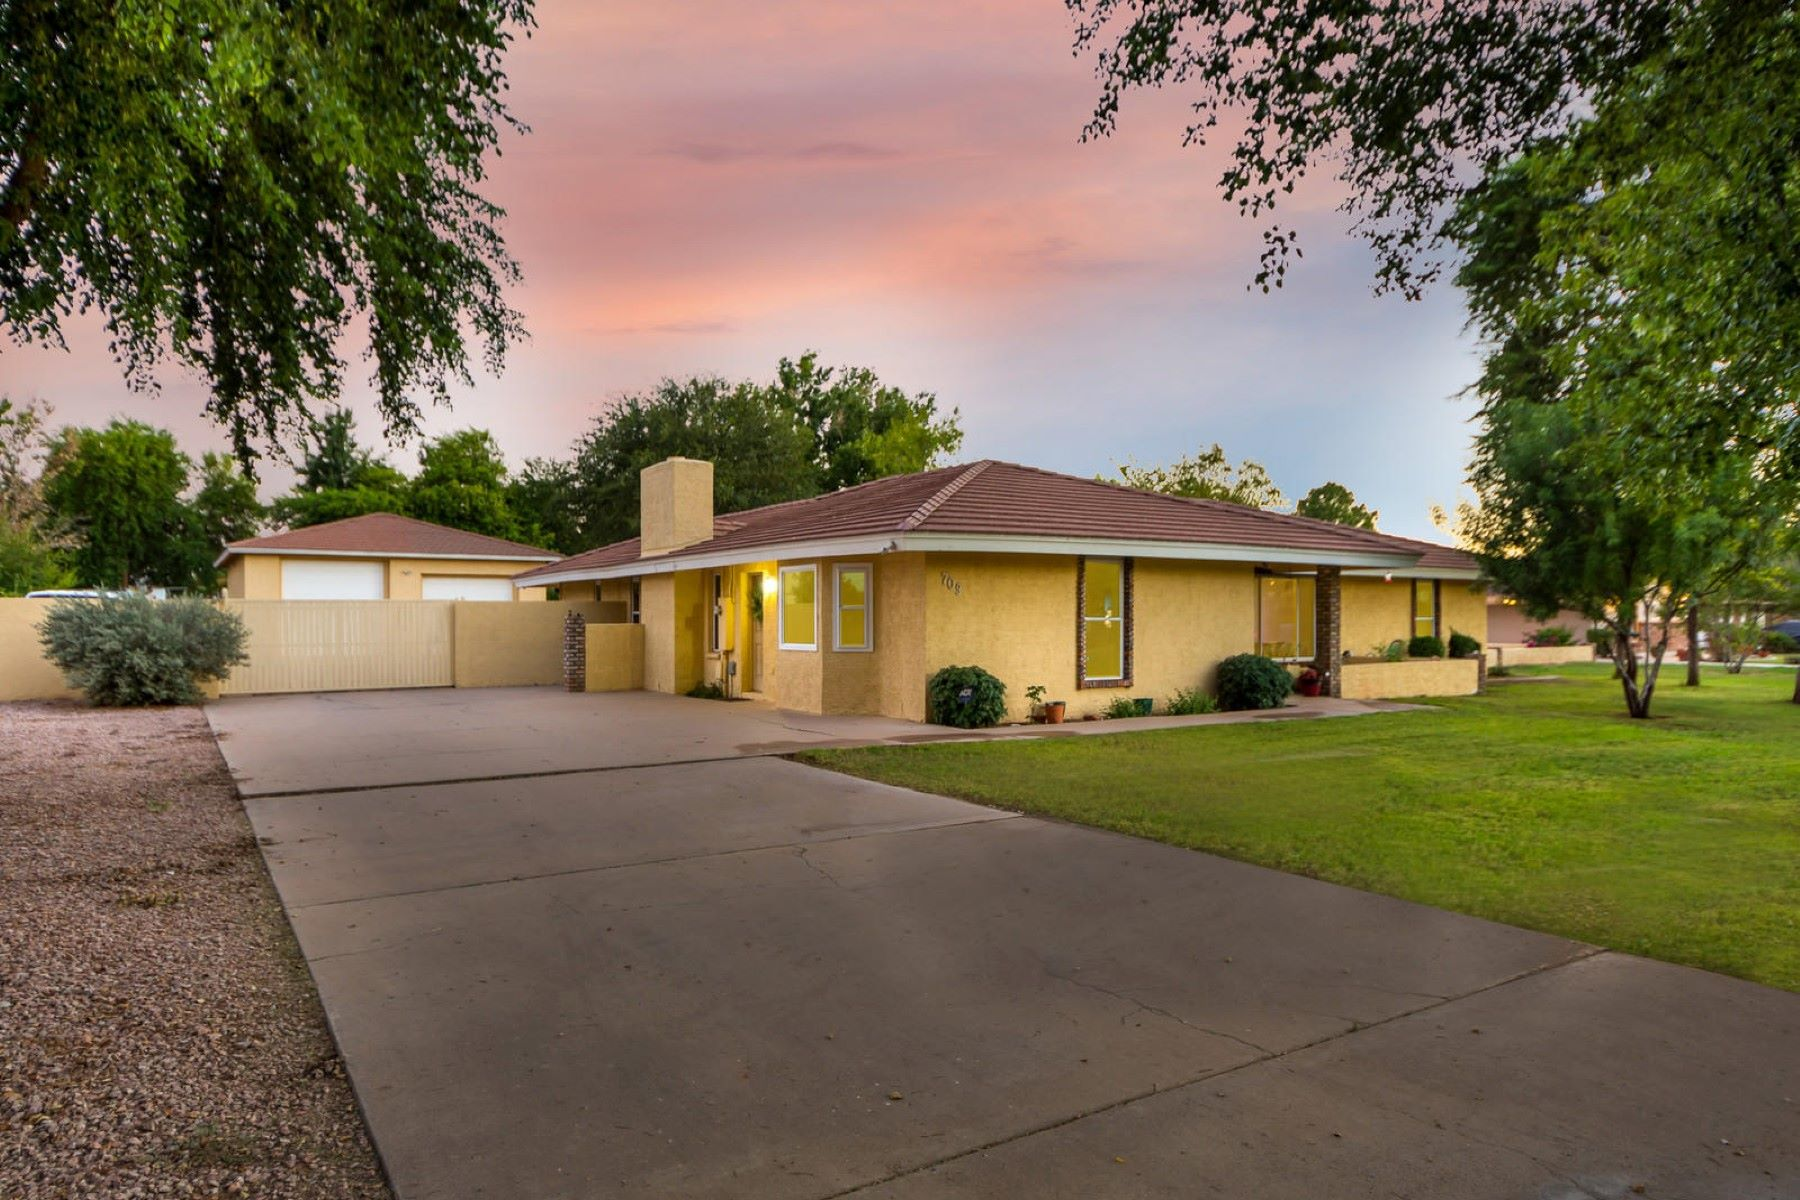 独户住宅 为 销售 在 Beautiful horse property 709 E Barbarita Ave 吉尔伯特, 亚利桑那州, 85234 美国